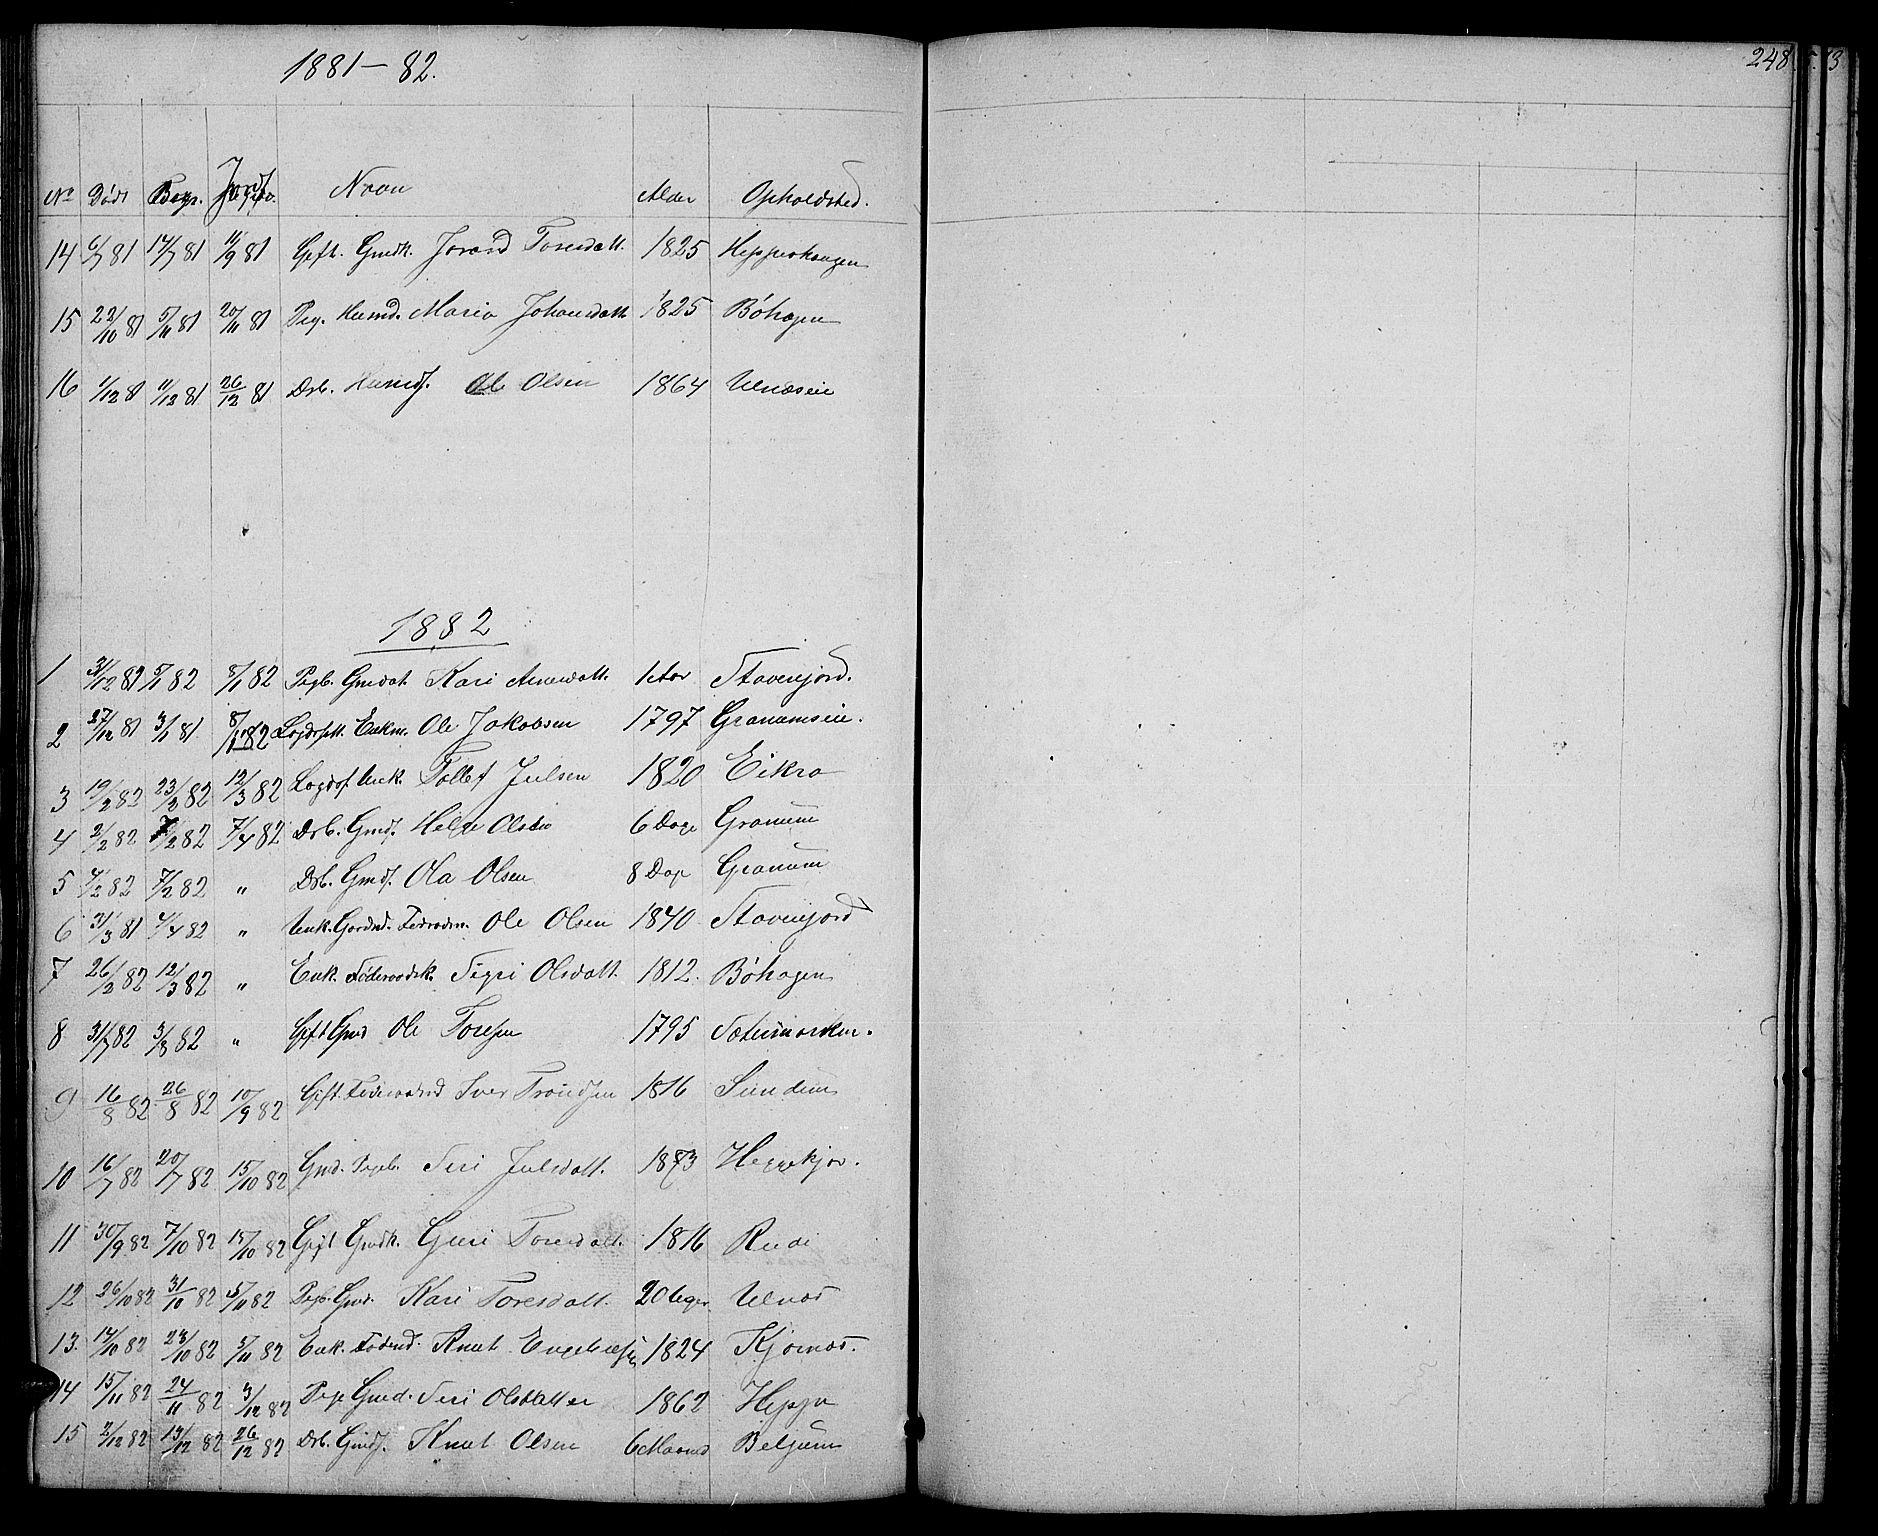 SAH, Nord-Aurdal prestekontor, Klokkerbok nr. 4, 1842-1882, s. 248